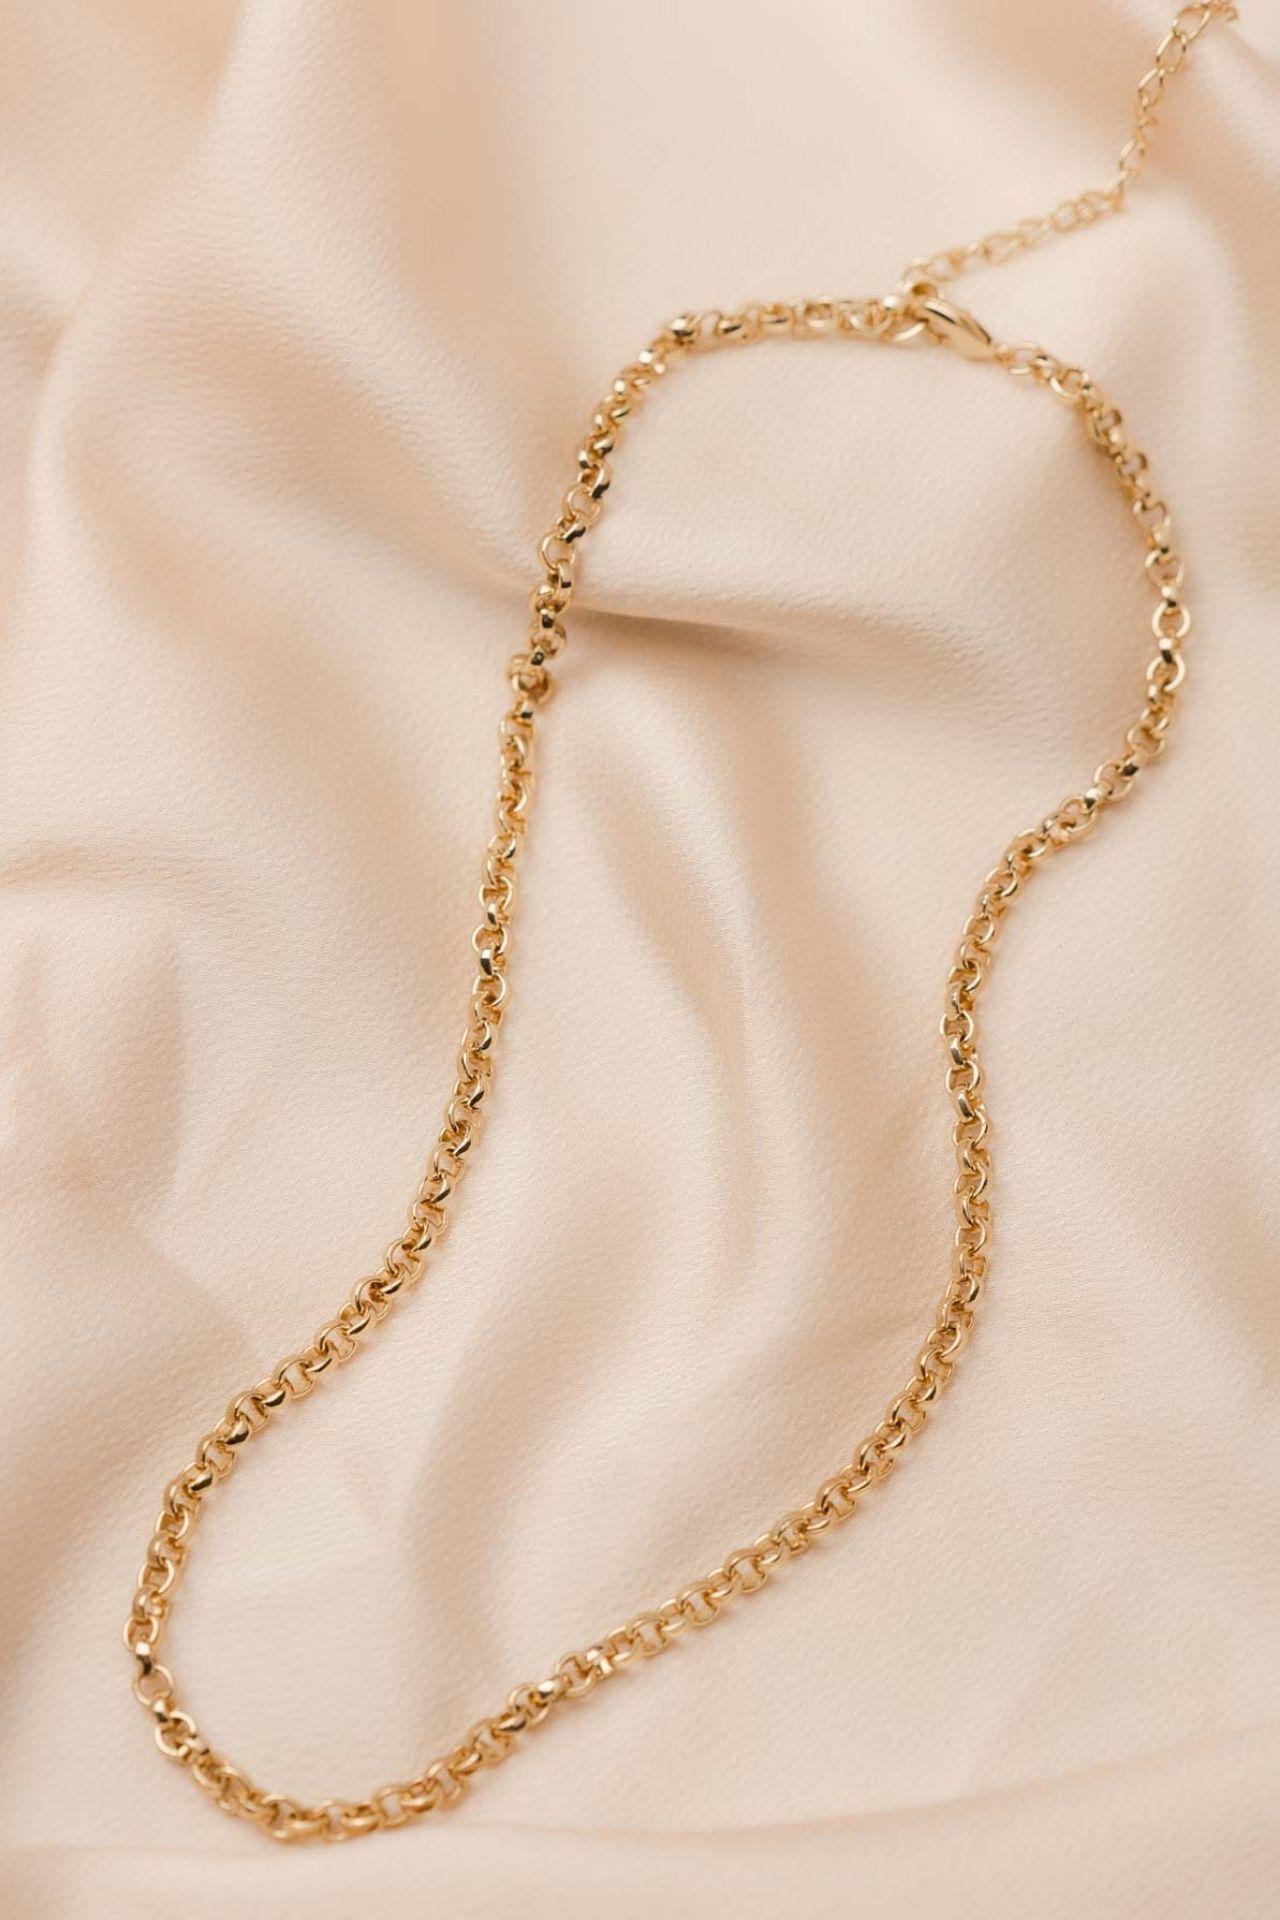 Medida: Largo 48 cm + 8cm. extra de regulable  Material: Metal bañado en oro de 18k.  Cuidados: Evitar la exposición al agua o humedad extrema.